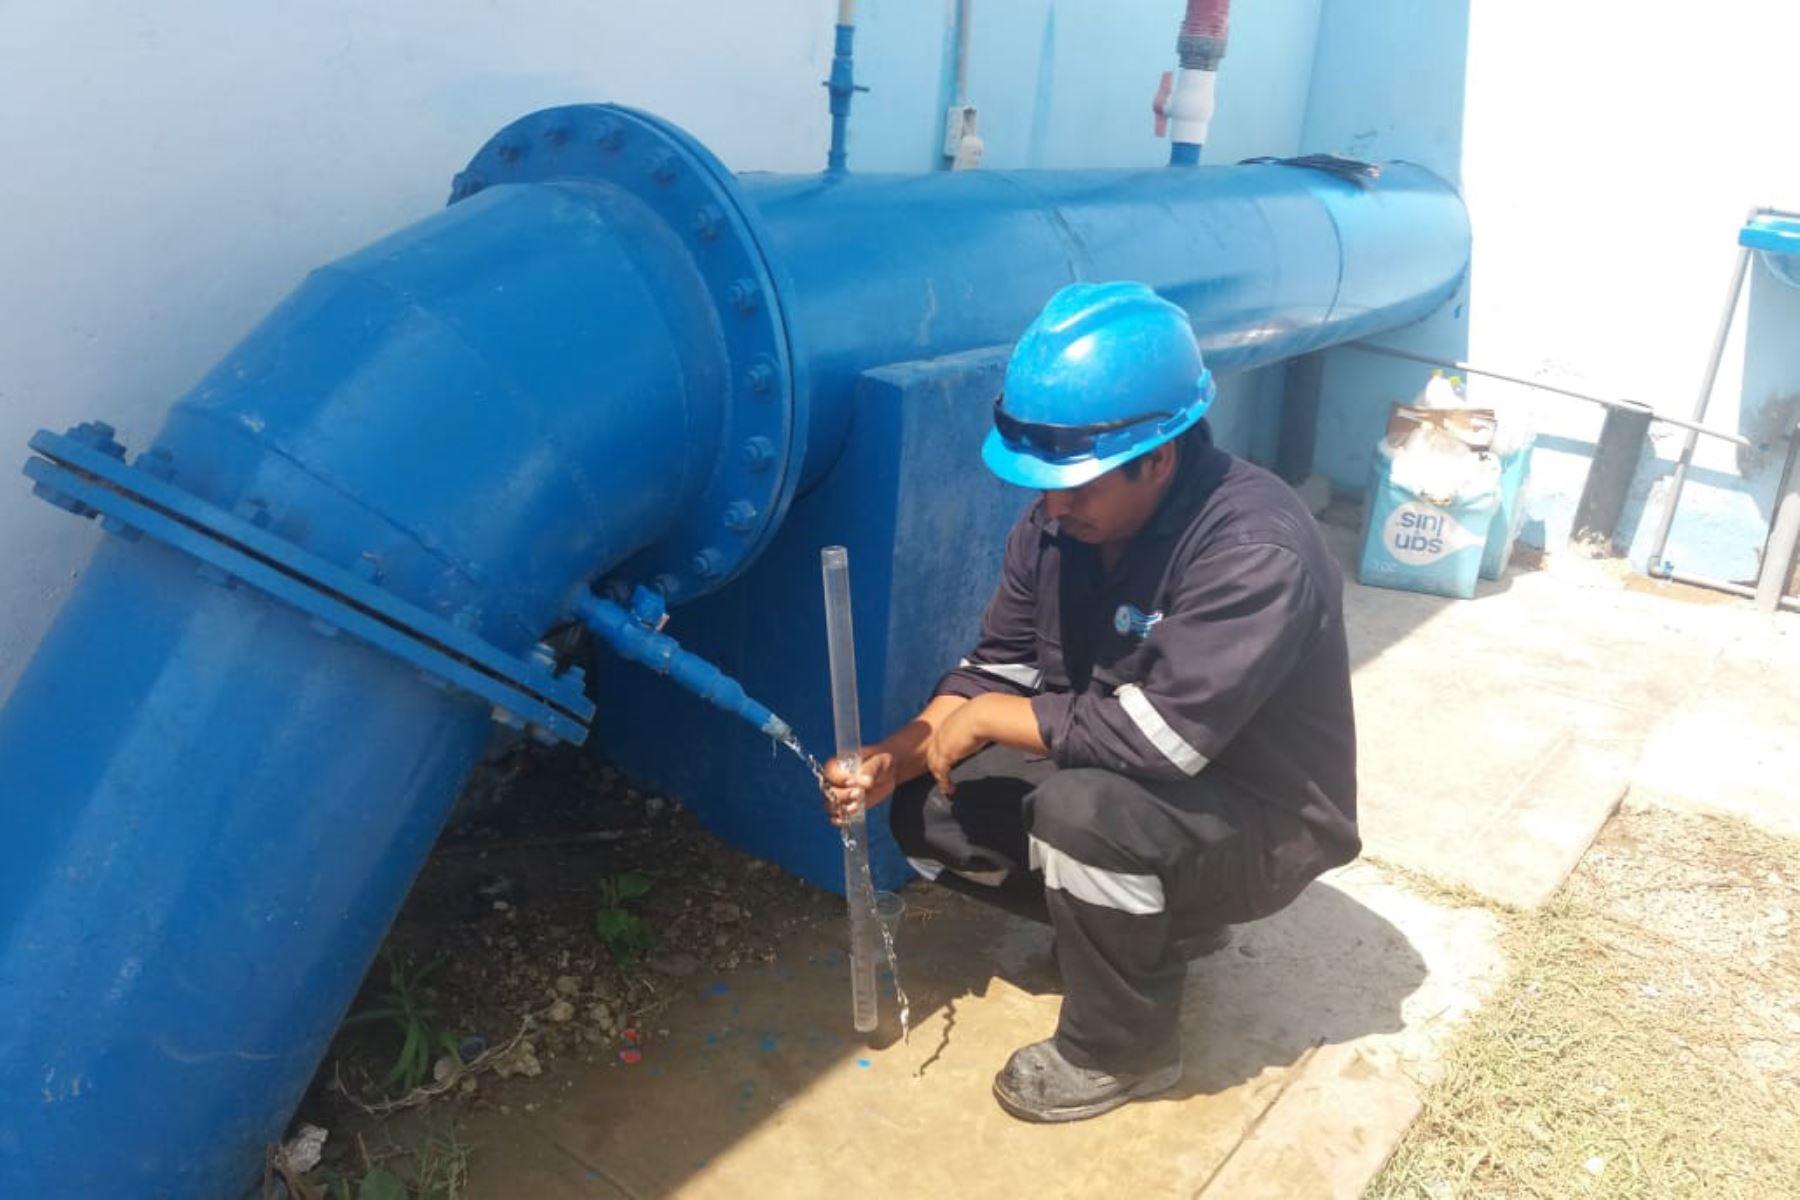 Reinician distribución de agua potable en viviendas de Pisco que se restringió por daños en la infraestructura ocasionados por la crecida del río Pisco. ANDINA/Difusión